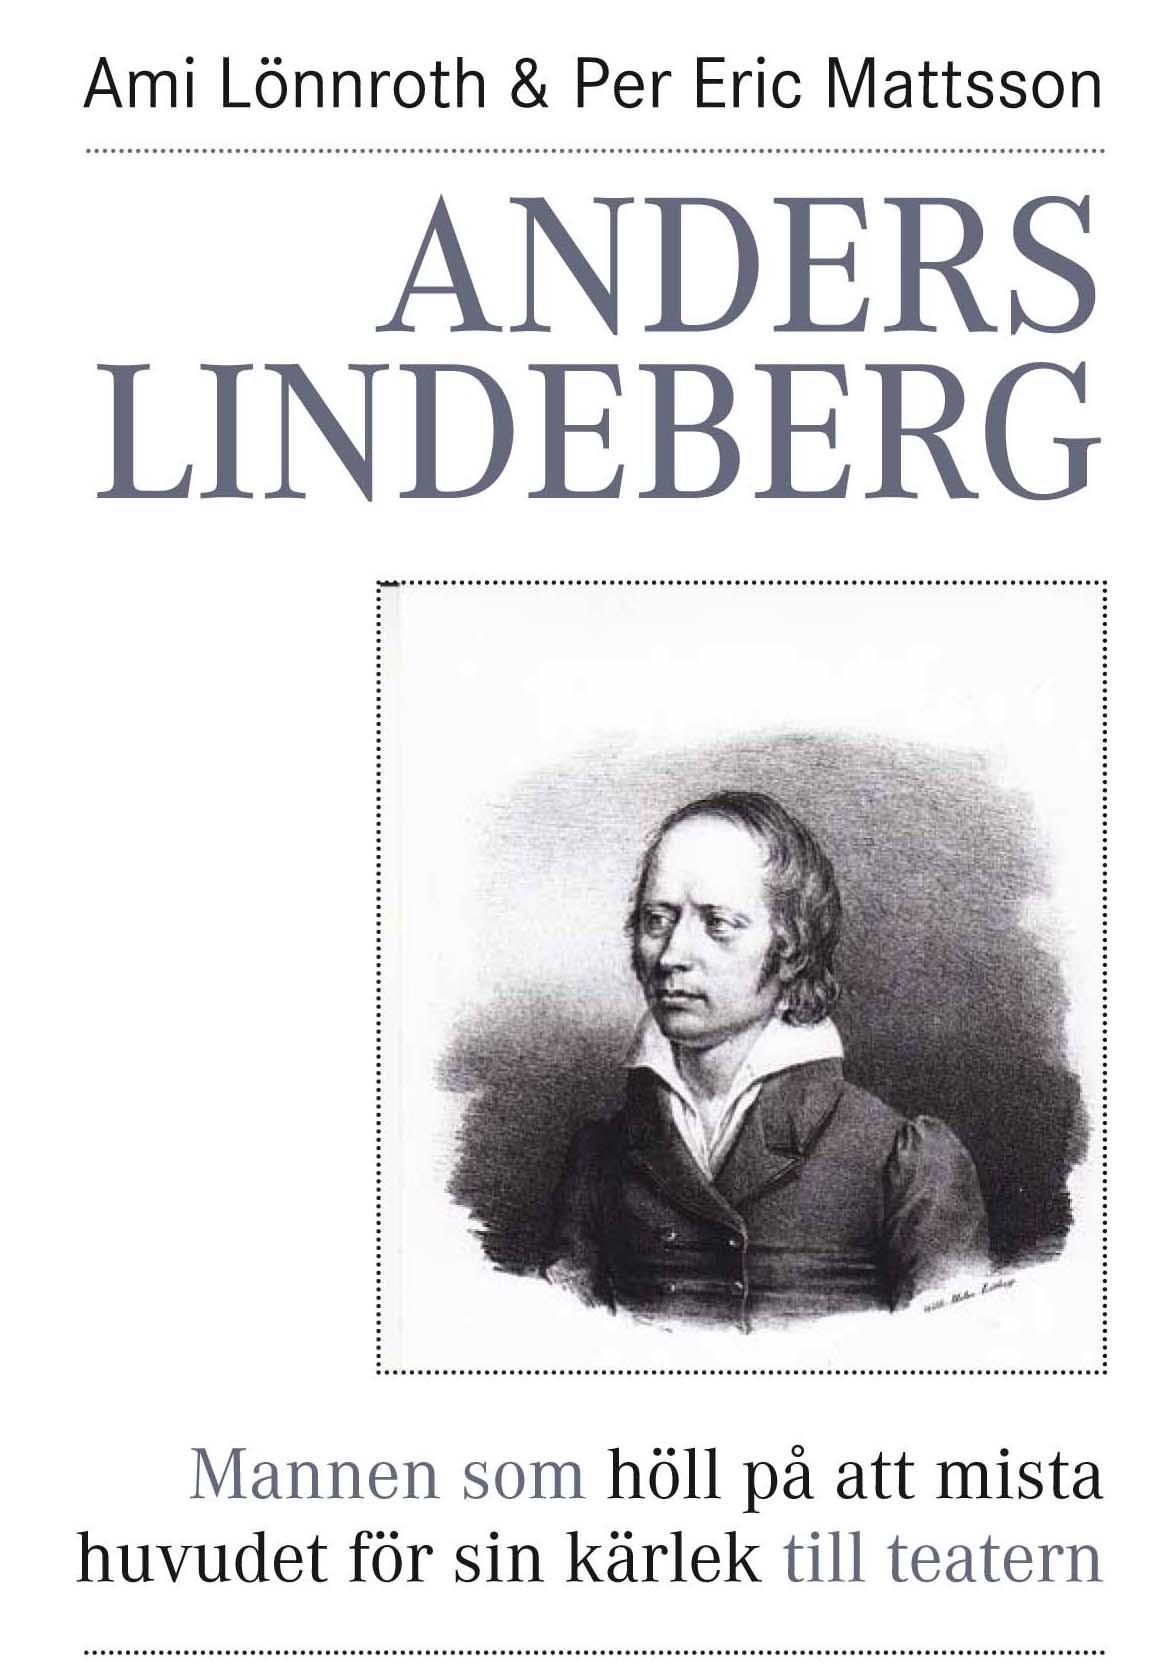 Anders Lindeberg